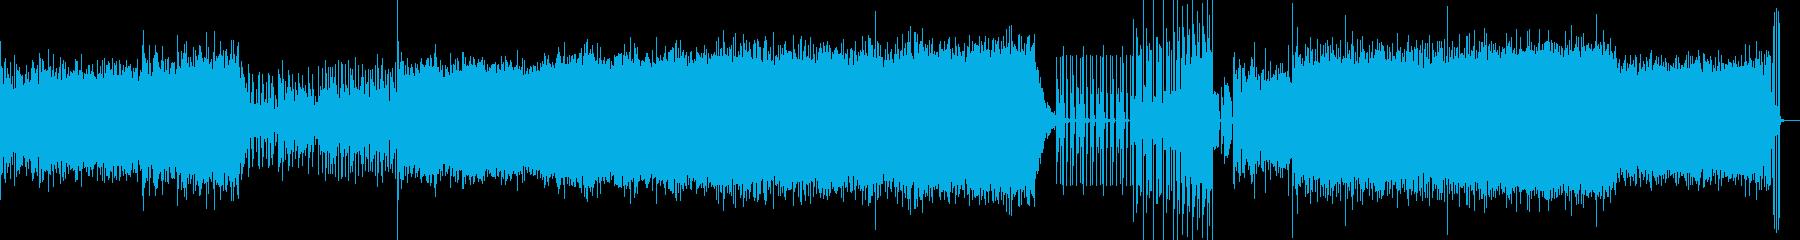 ノイズミュージック 不気味の再生済みの波形